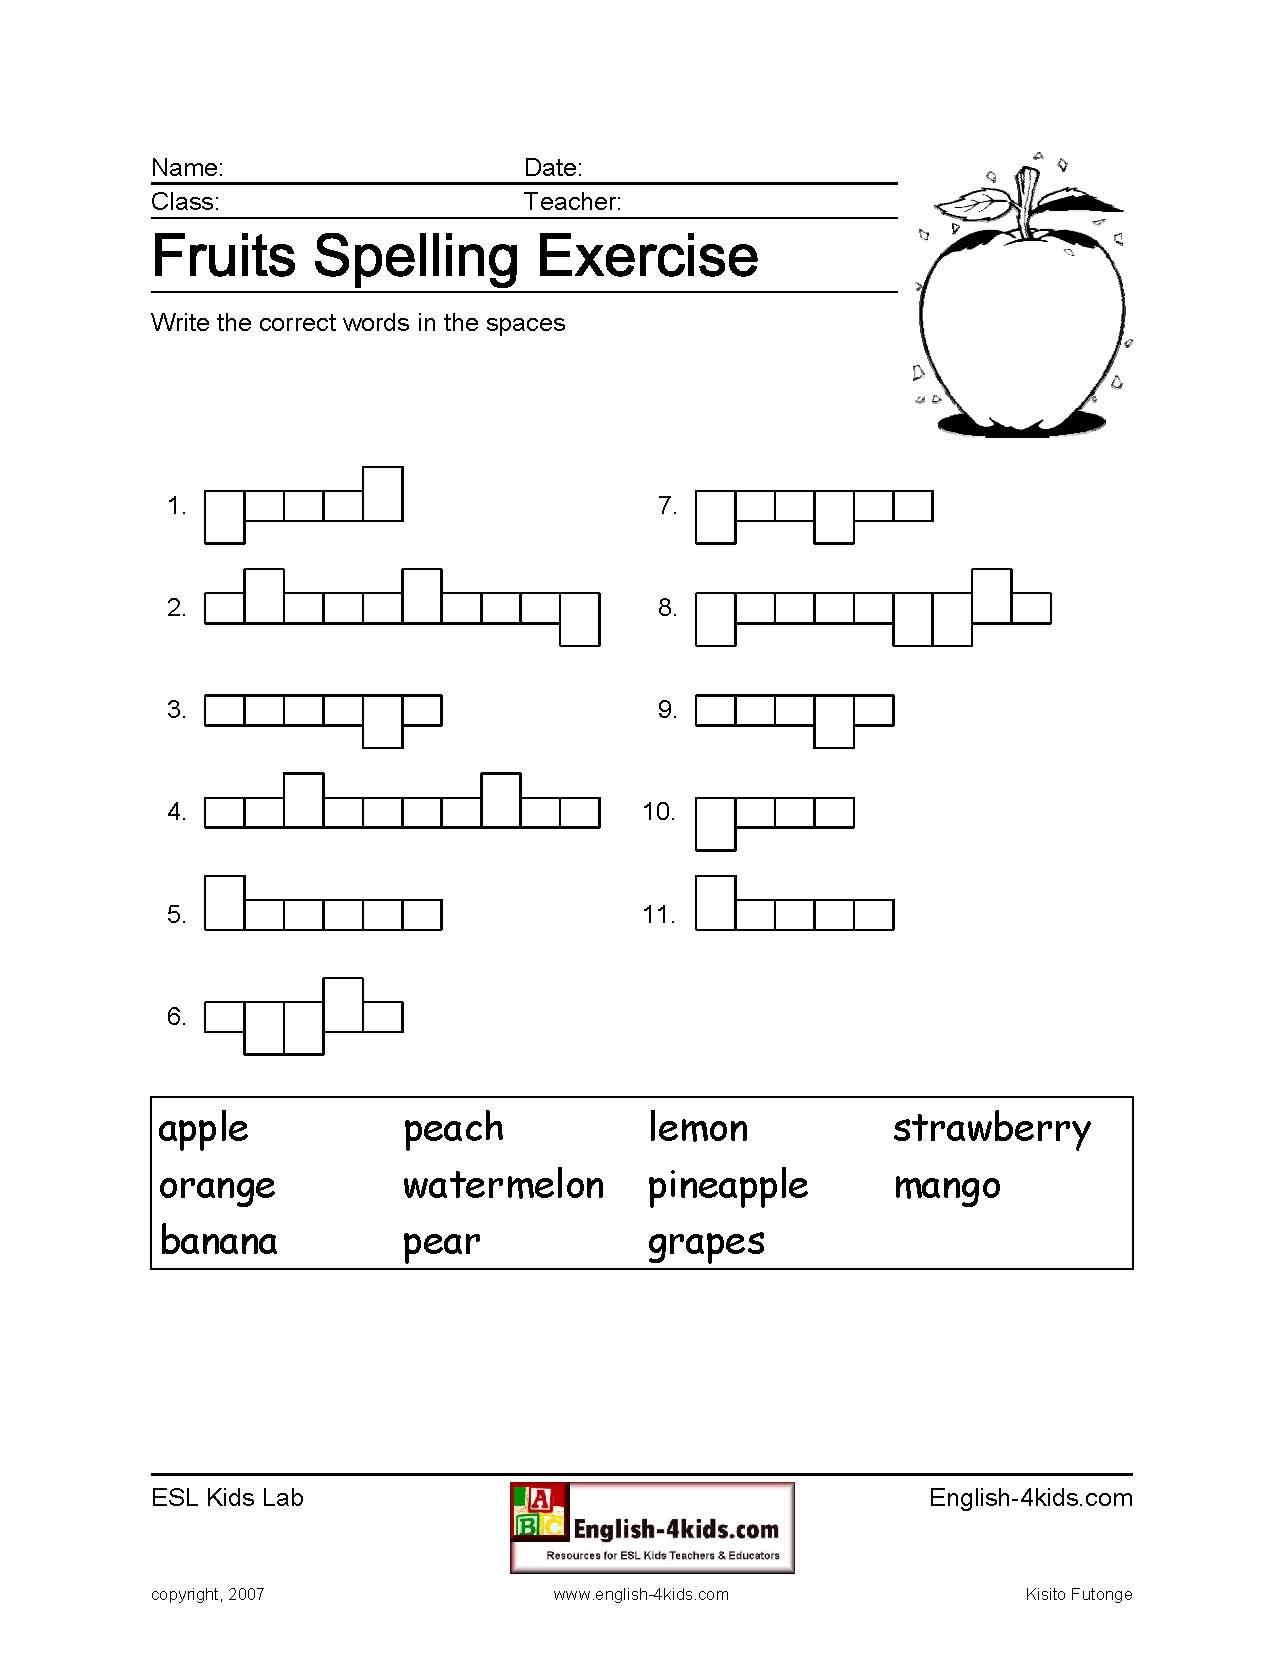 Fruit Spelling Exercise